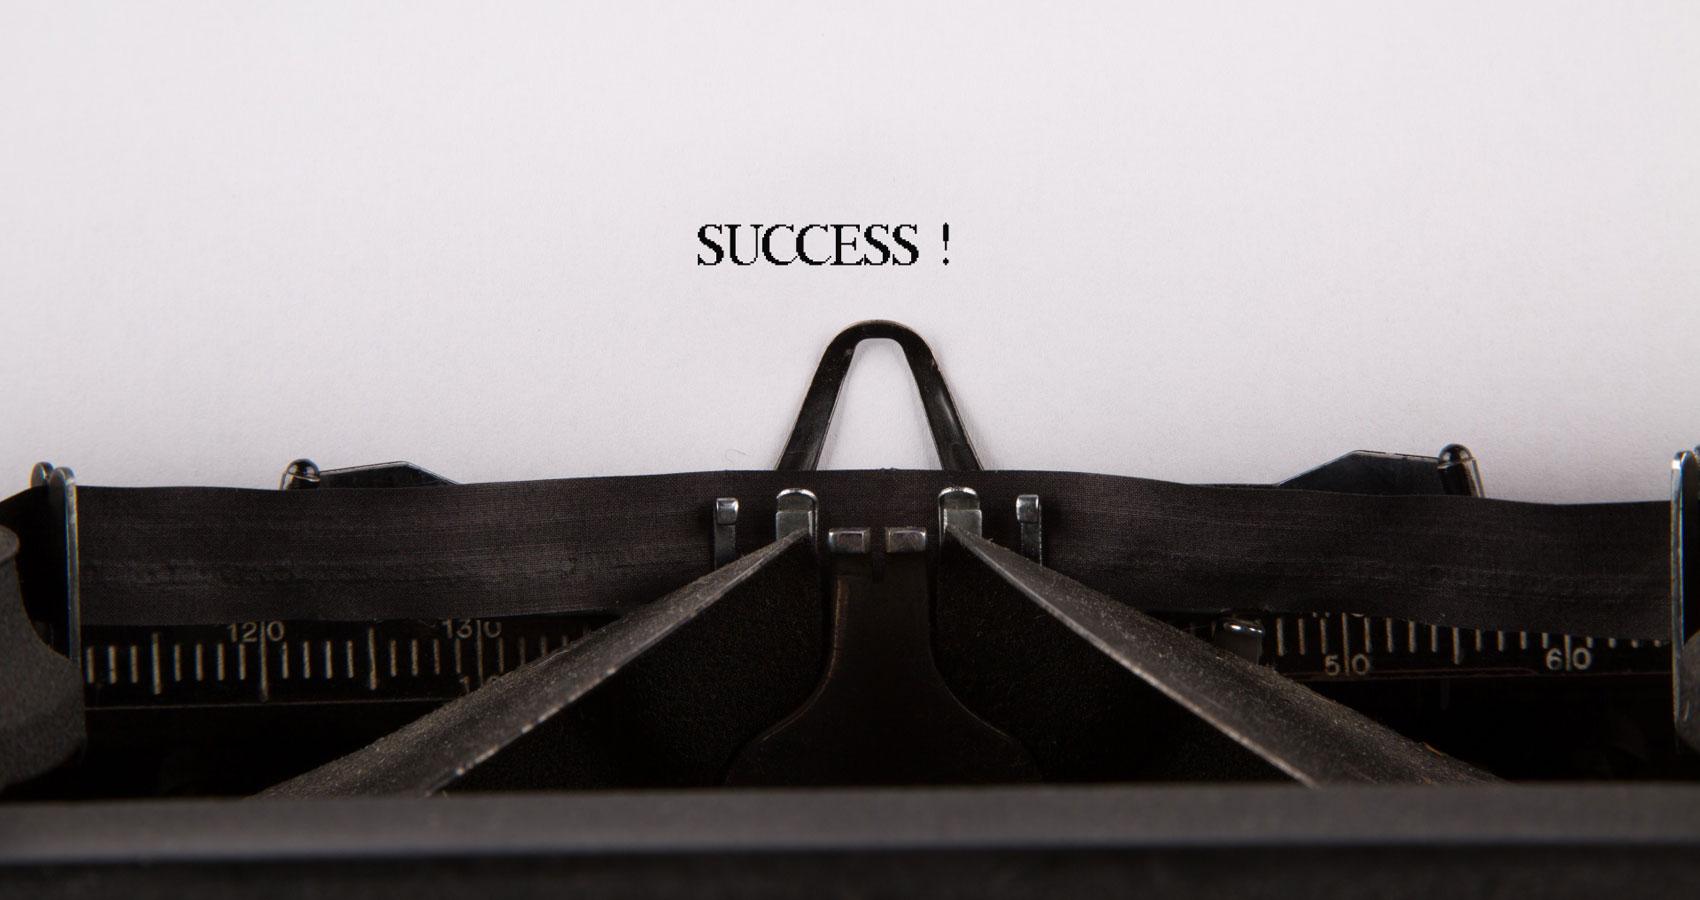 Success written by Dirk Sandarupa at Spillwords.com